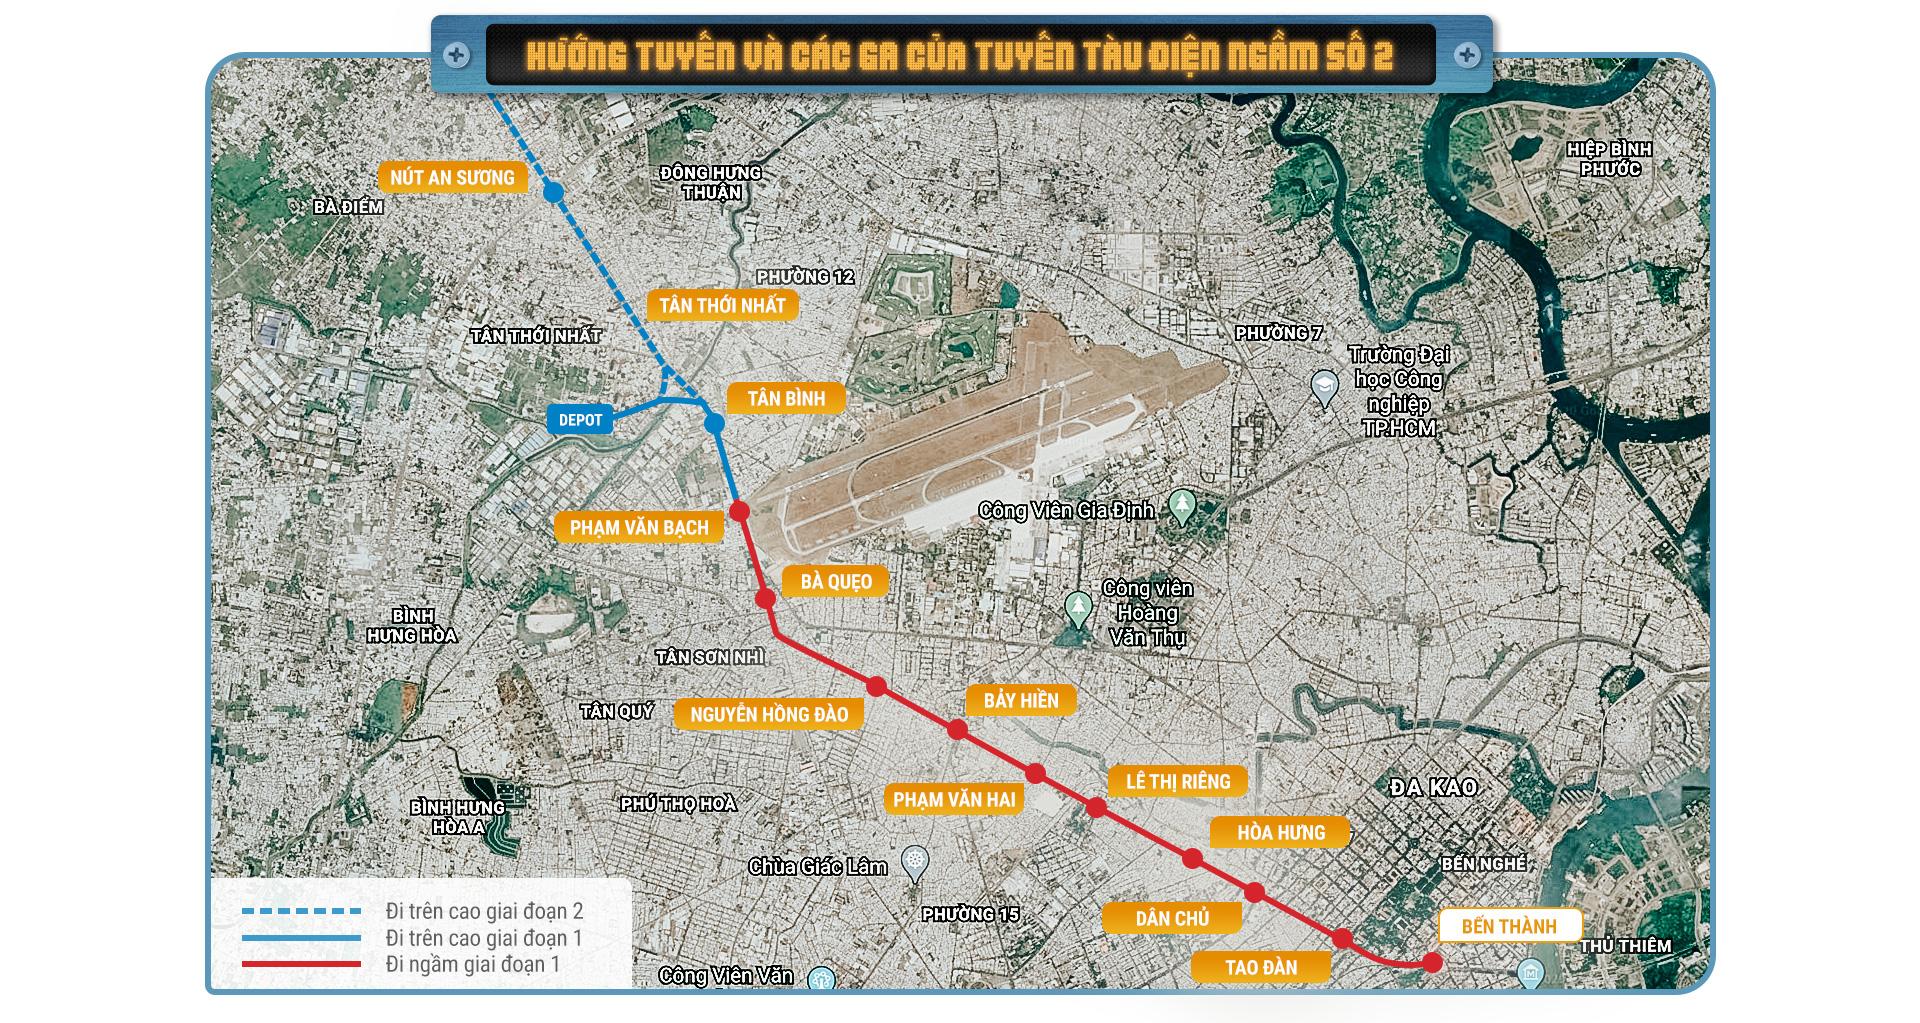 Metro số 2 Bến Thành  - Tham Lương tuyến metro xuyên tâm dài nhất TP.HCM - Ảnh 2.